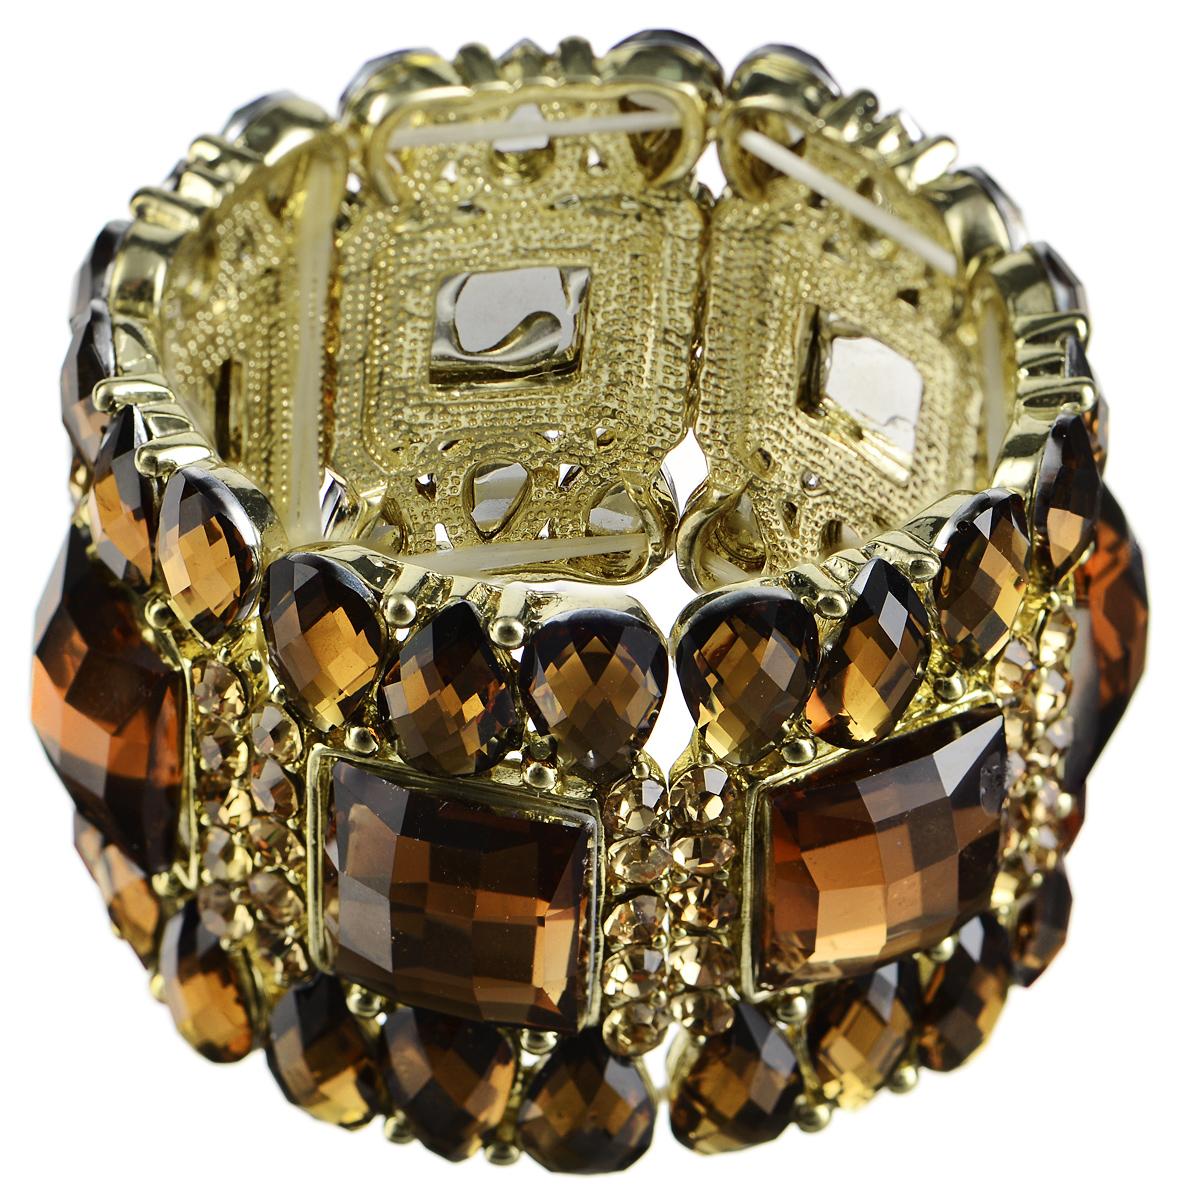 Браслет Taya, цвет: золотистый. T-B-7416T-B-7416-BRAC-GOLDСтильный браслет Taya выполнен из бижутерийного сплава и пластика. Элементы оригинальной формы оформлены вставками из сияющих стразов и граненых камней. Благодаря эластичной основе и подвижным элементам изделие идеально разместиться на запястье. Такой браслет позволит вам с легкостью воплотить самую смелую фантазию и создать собственный, неповторимый образ.